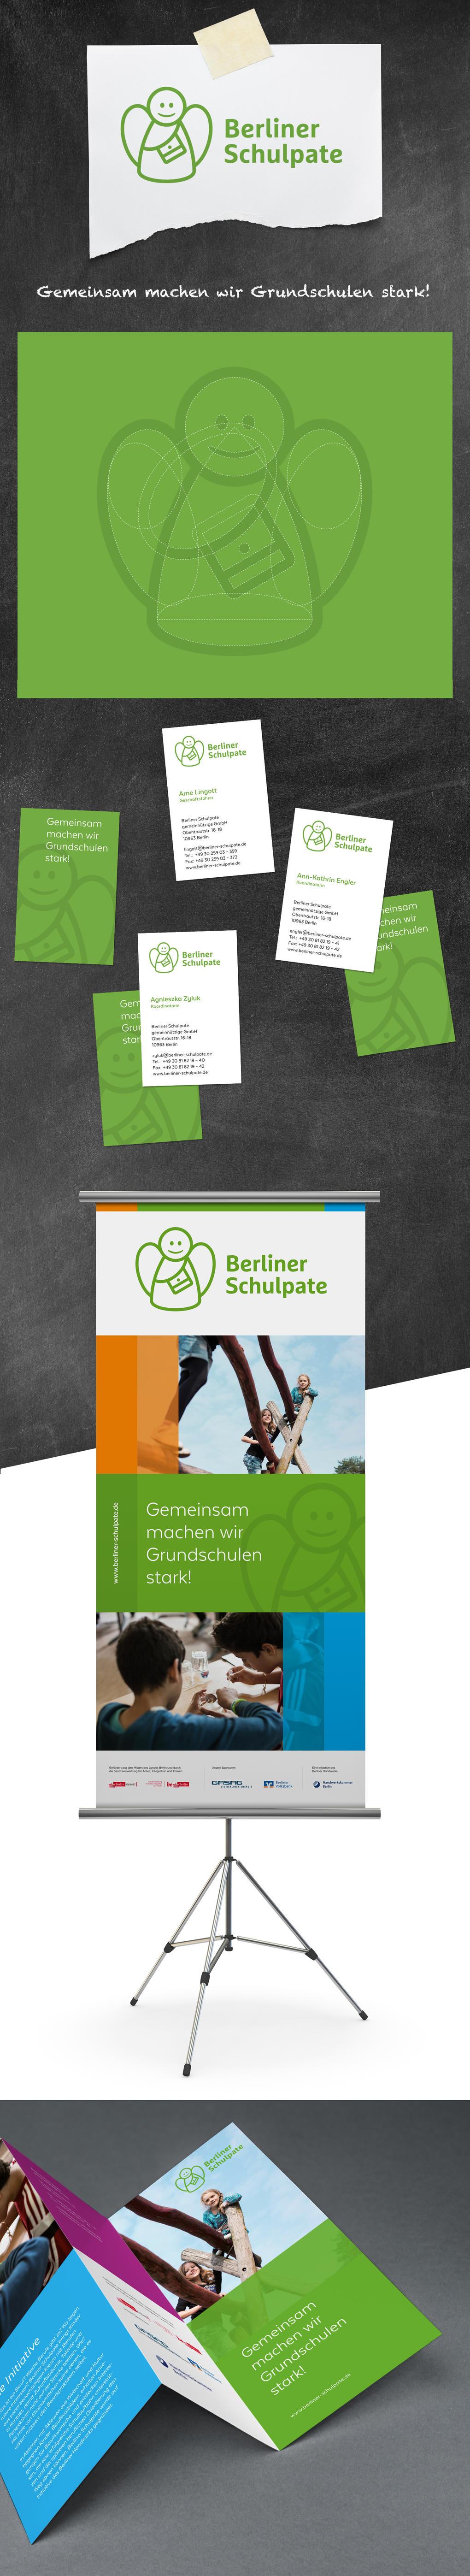 """Projektreferenz für die Initiative """"Berliner Schulpate"""""""